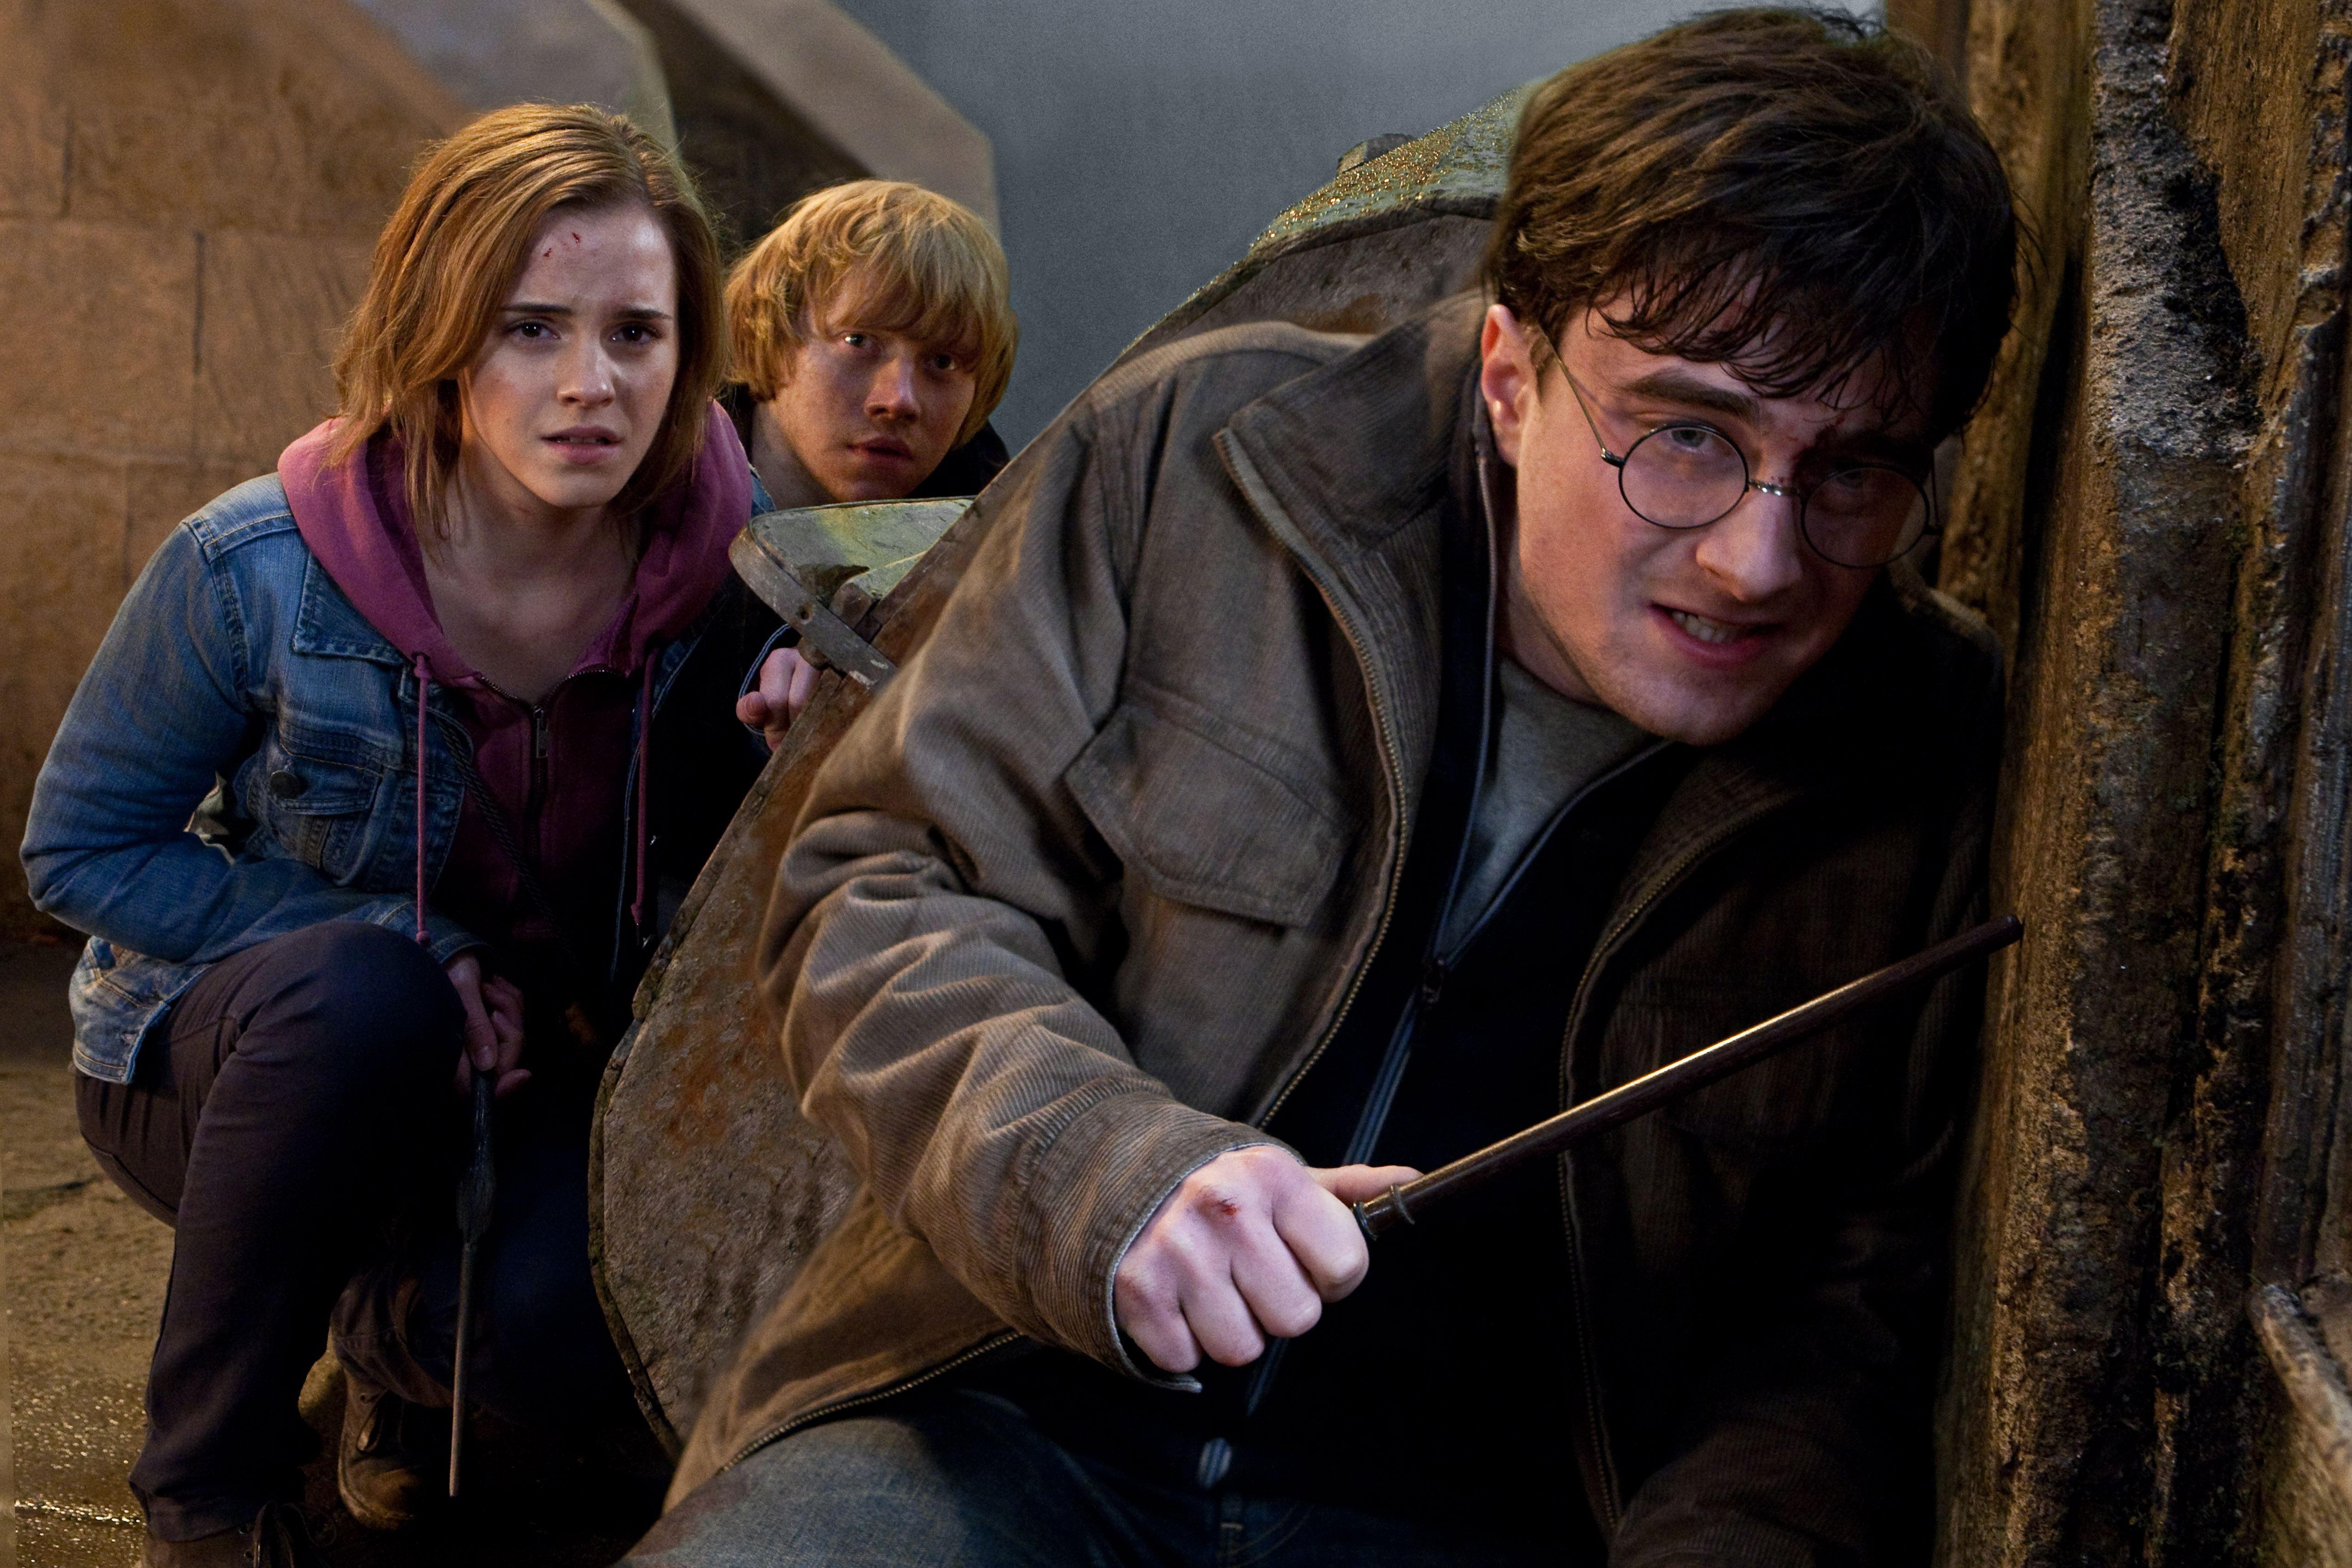 кадры из фильма Гарри Поттер и Дары Смерти: Часть вторая Эмма Уотсон, Руперт Гринт, Дэниэл Рэдклифф,